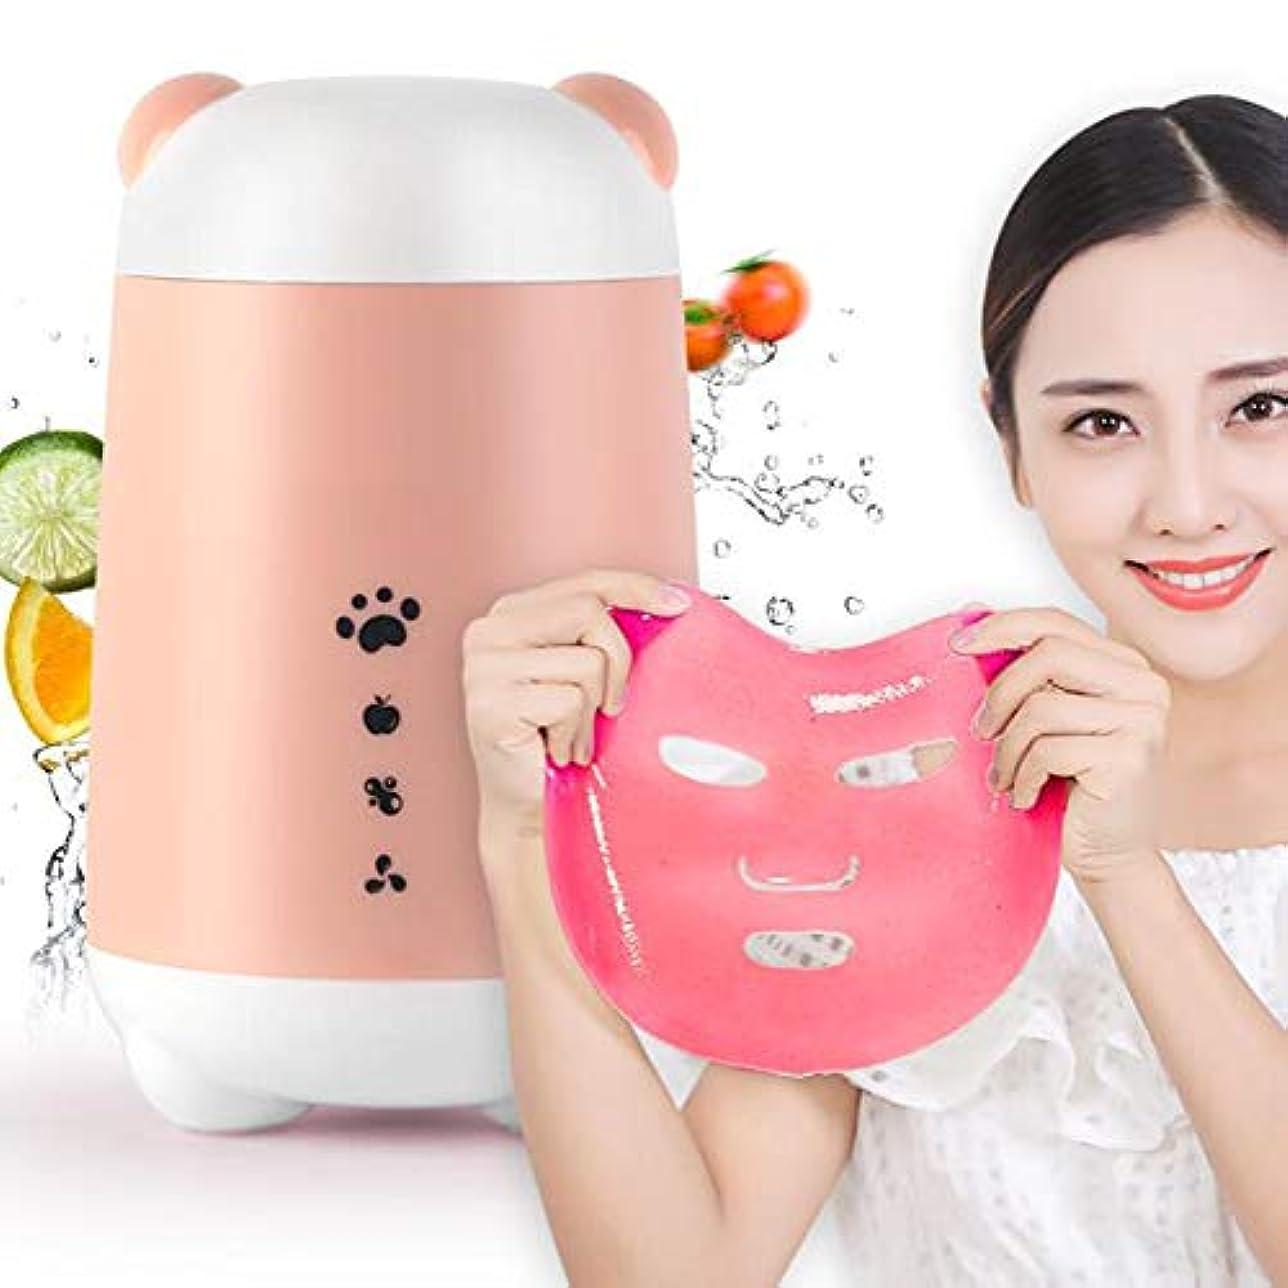 似ている編集するベアリングフルーツと野菜のマスクを作るマシン、顔のスチーマー完全自動音声プロンプトDIY自家製の自然美容機器,Pink